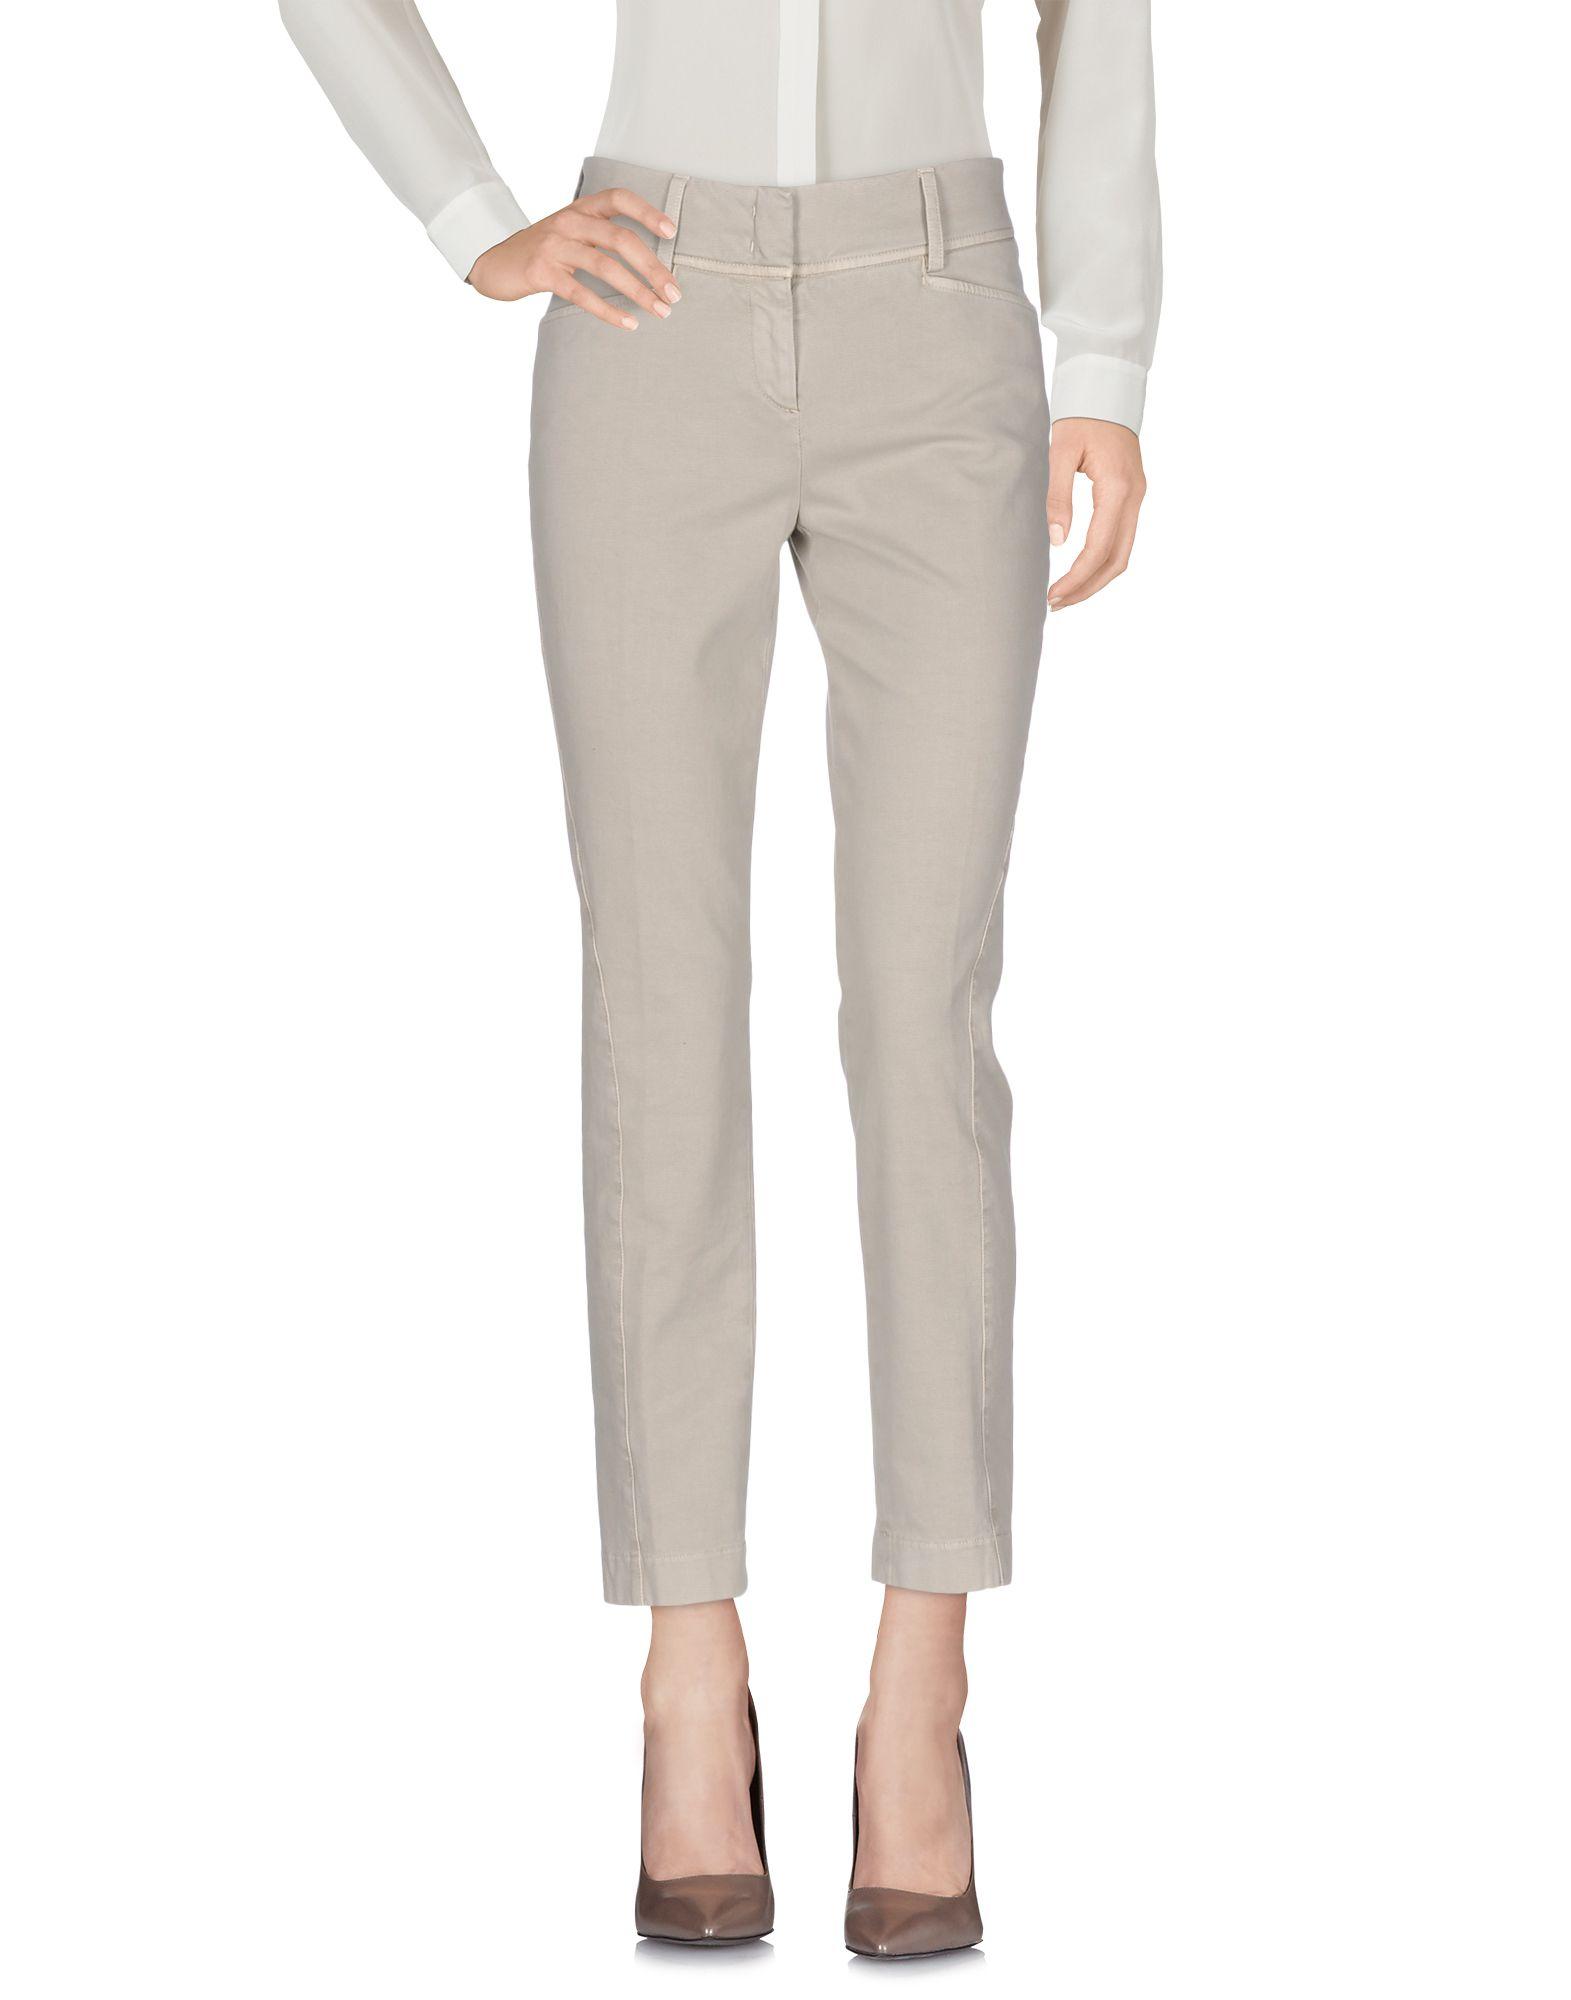 Pantalone Incotex Donna - Acquista online su TErnTuwlO